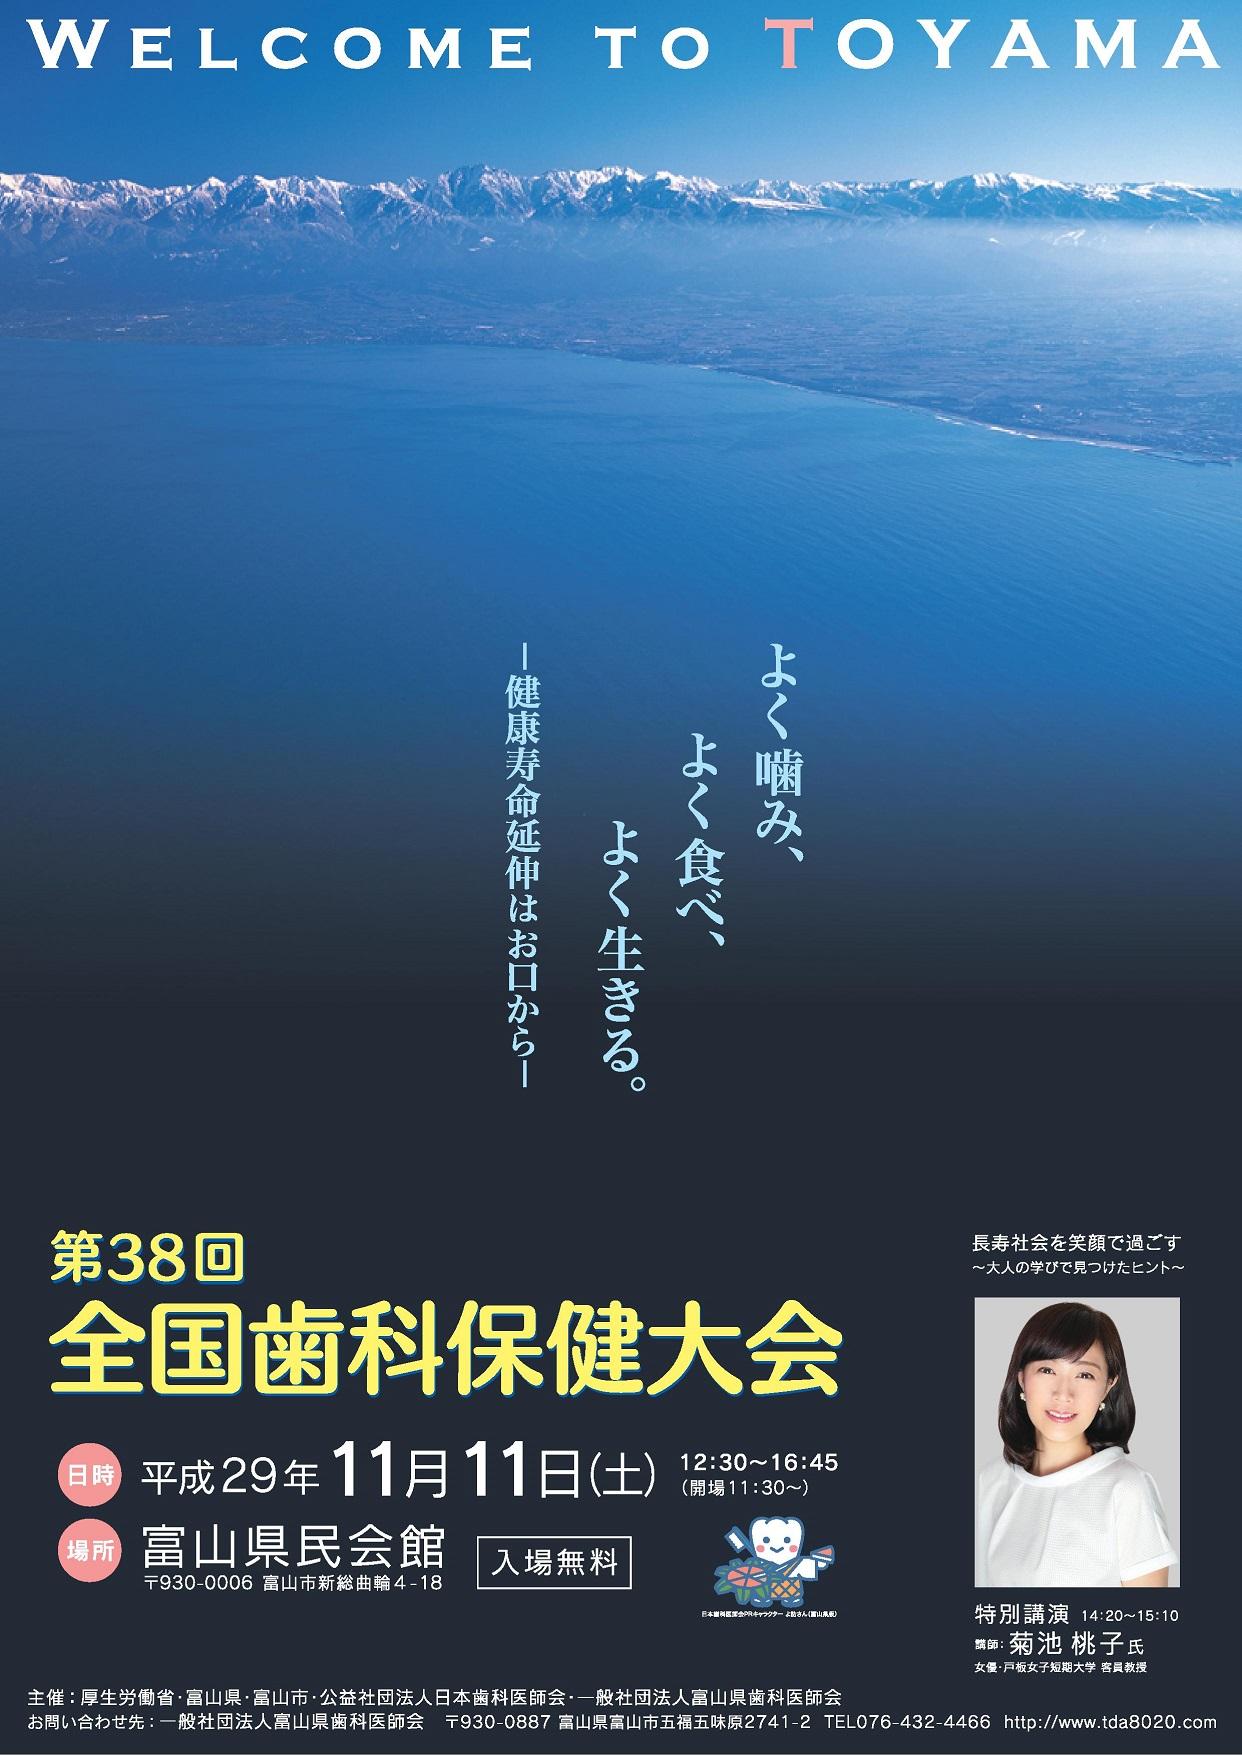 http://www.tda8020.com/news/38th_toyama2.jpg